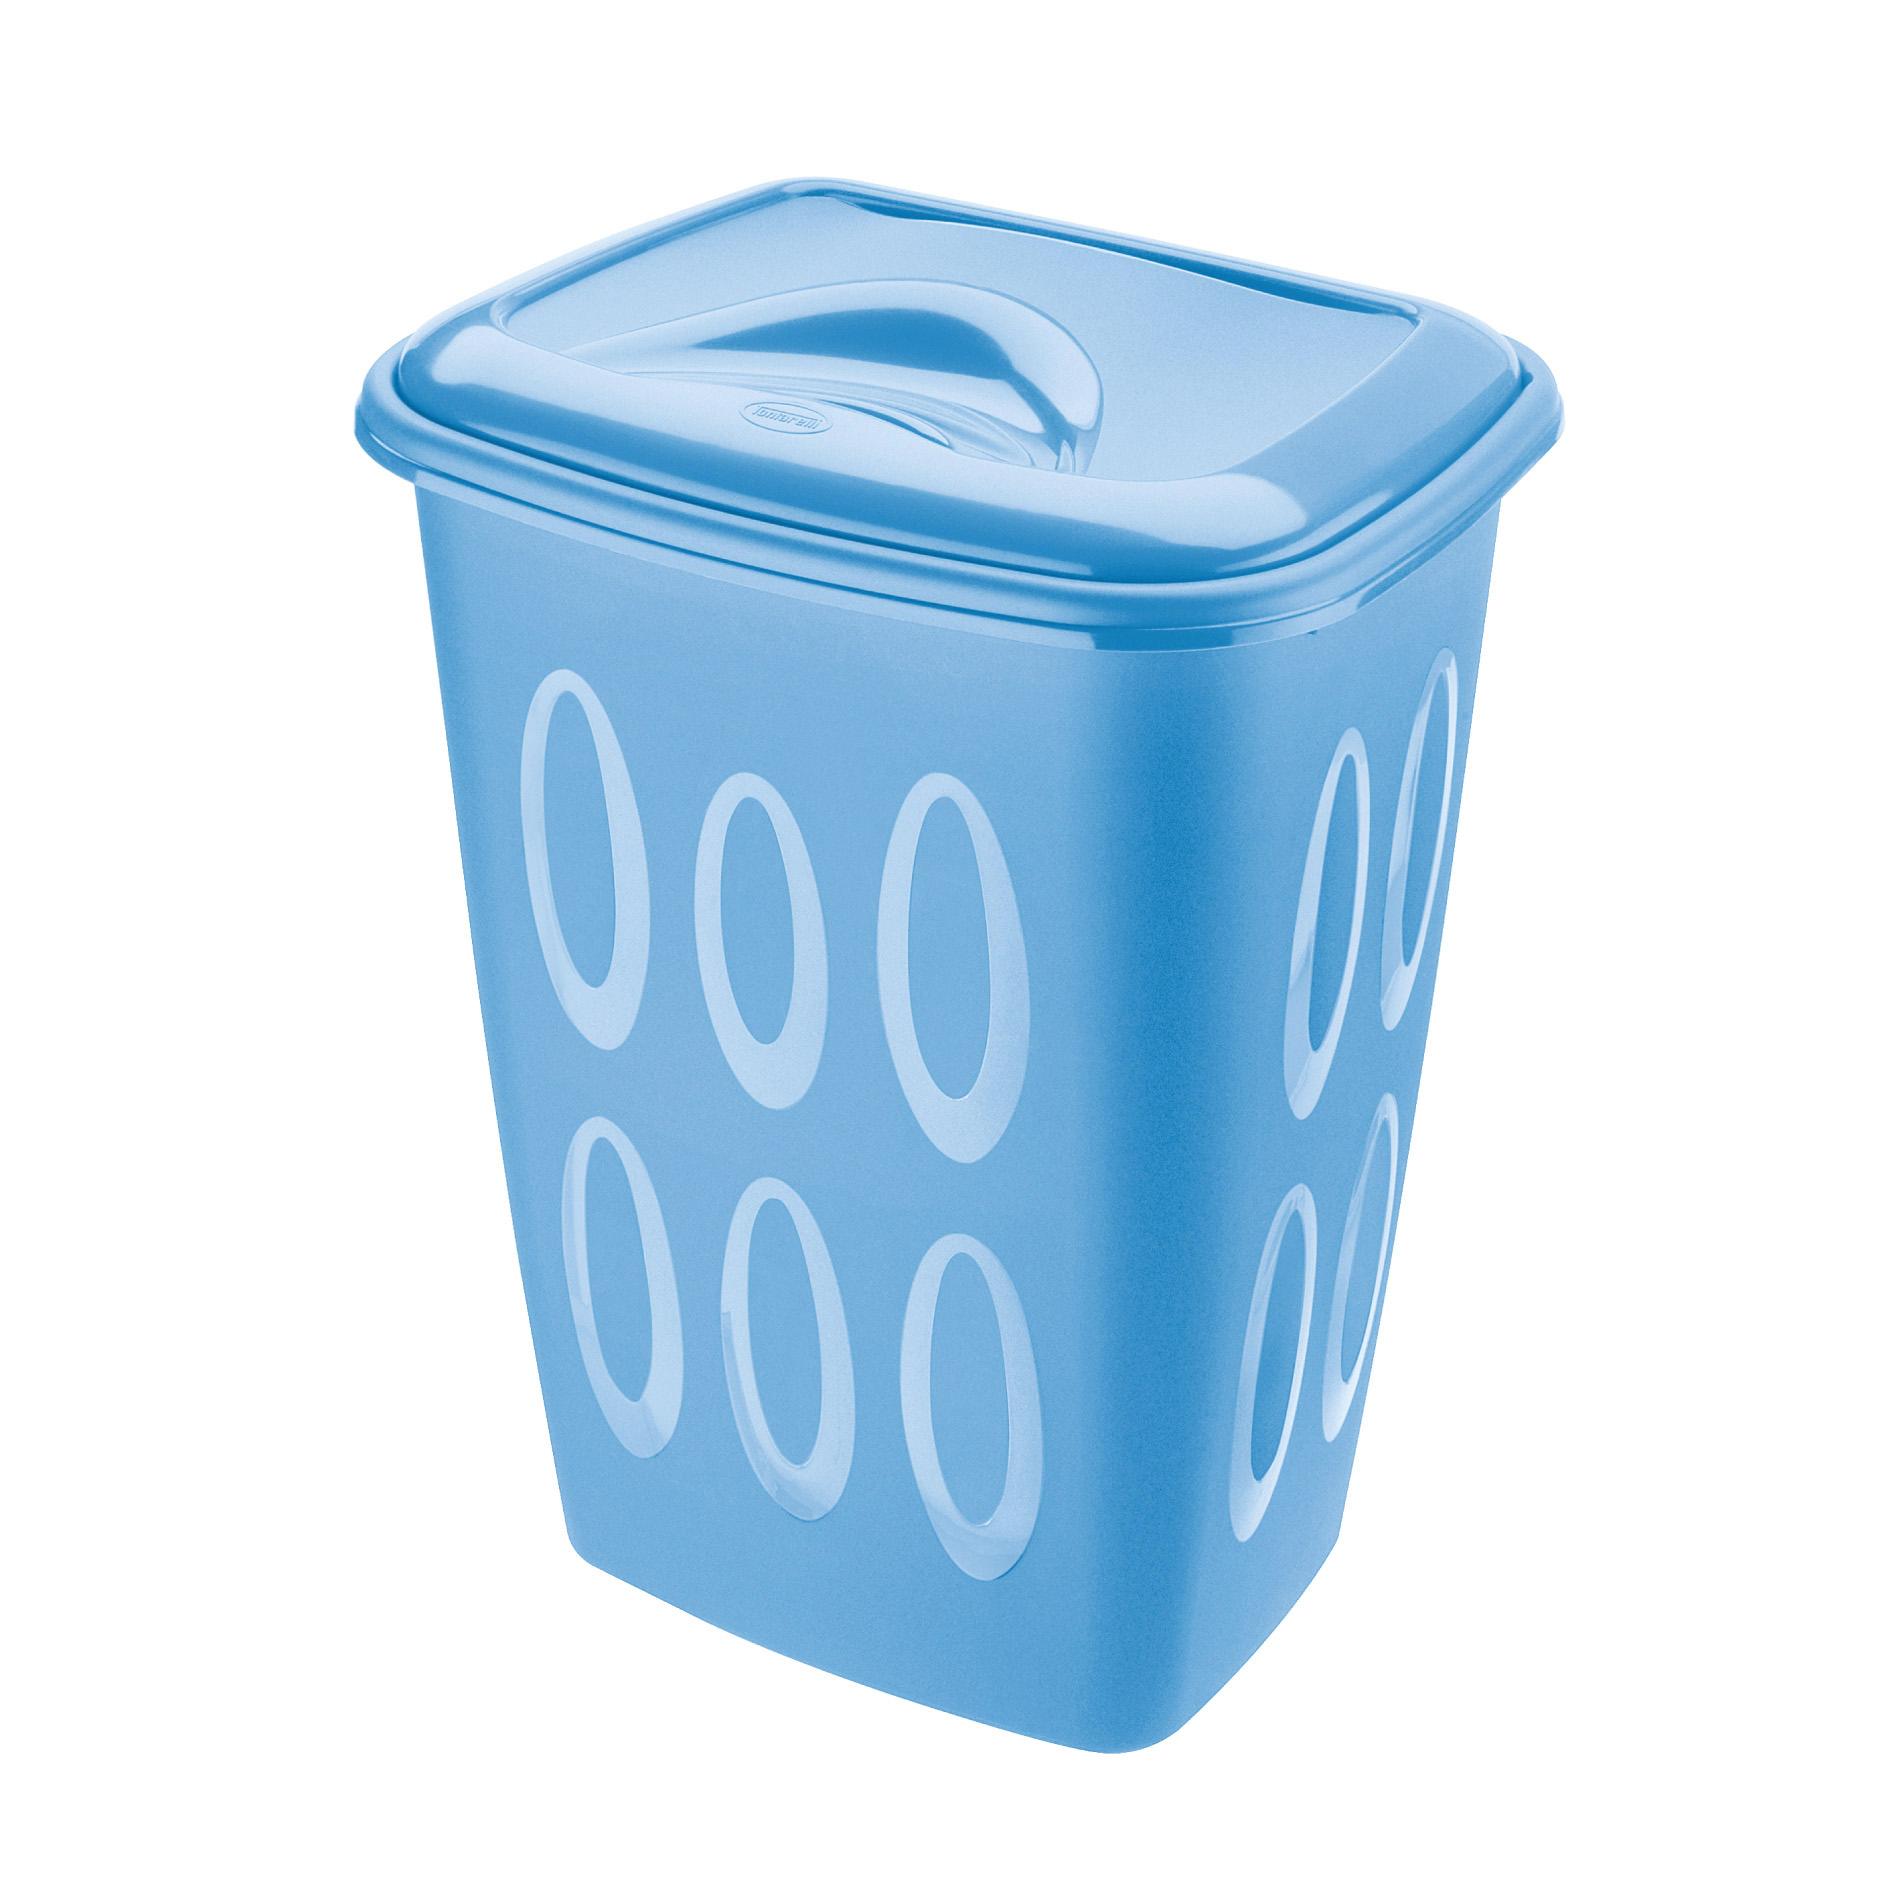 Unit Three Corallo Tile 20 X 20 Cm: LAUNDRY BOX (NO HOLES IN BASE) 45 L